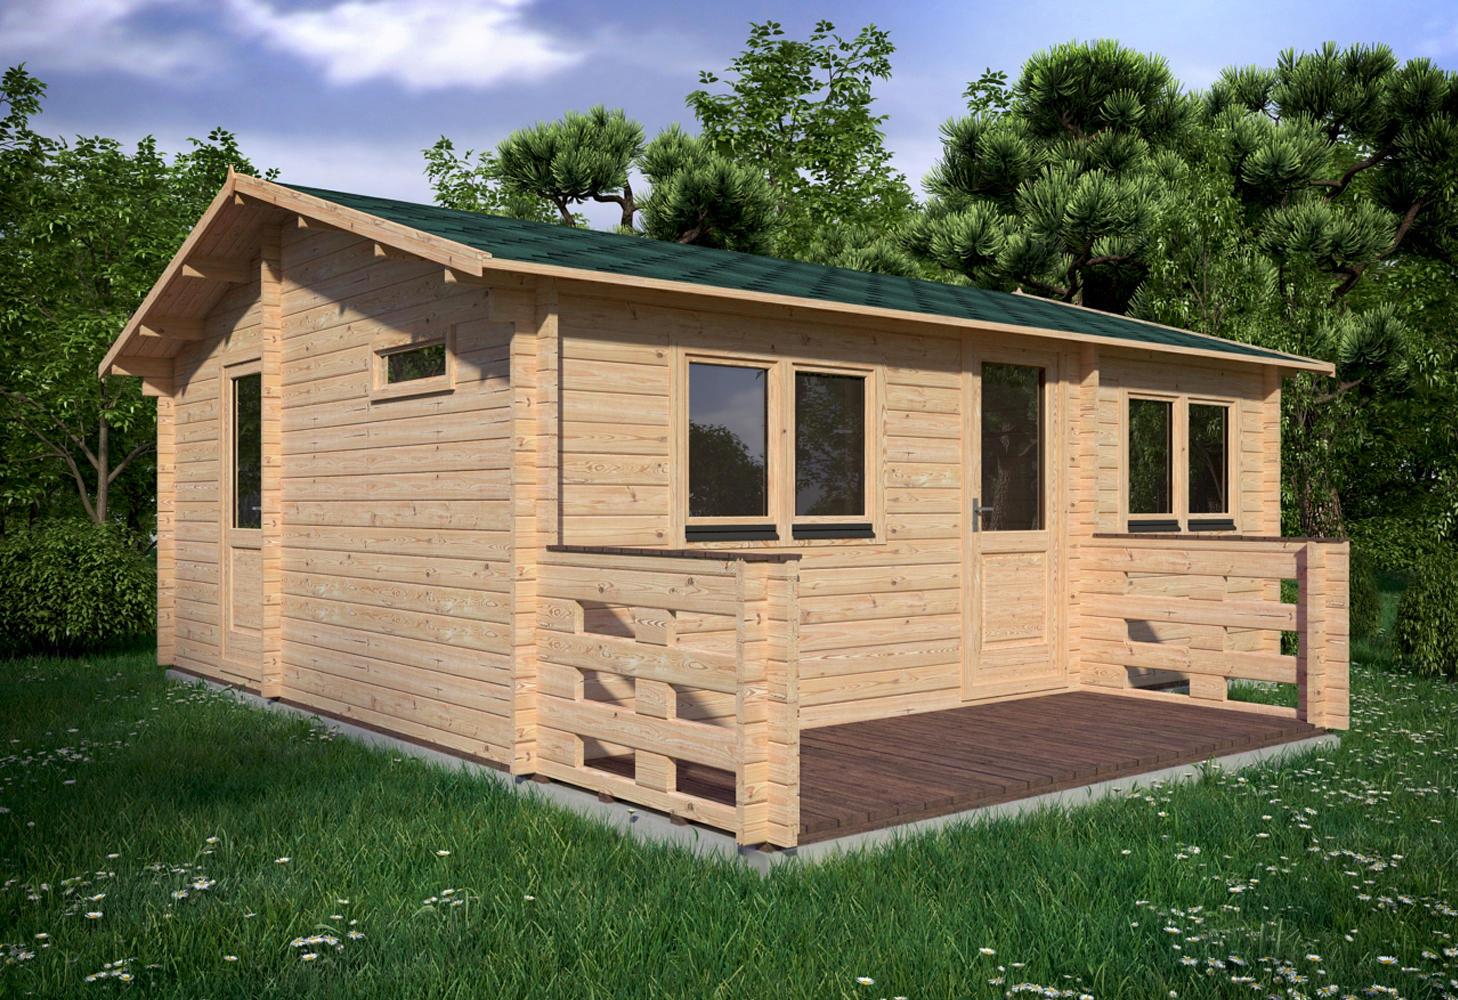 Casette In Legno Terrazzo Permessi casetta in legno, casetta in legno blockhouse